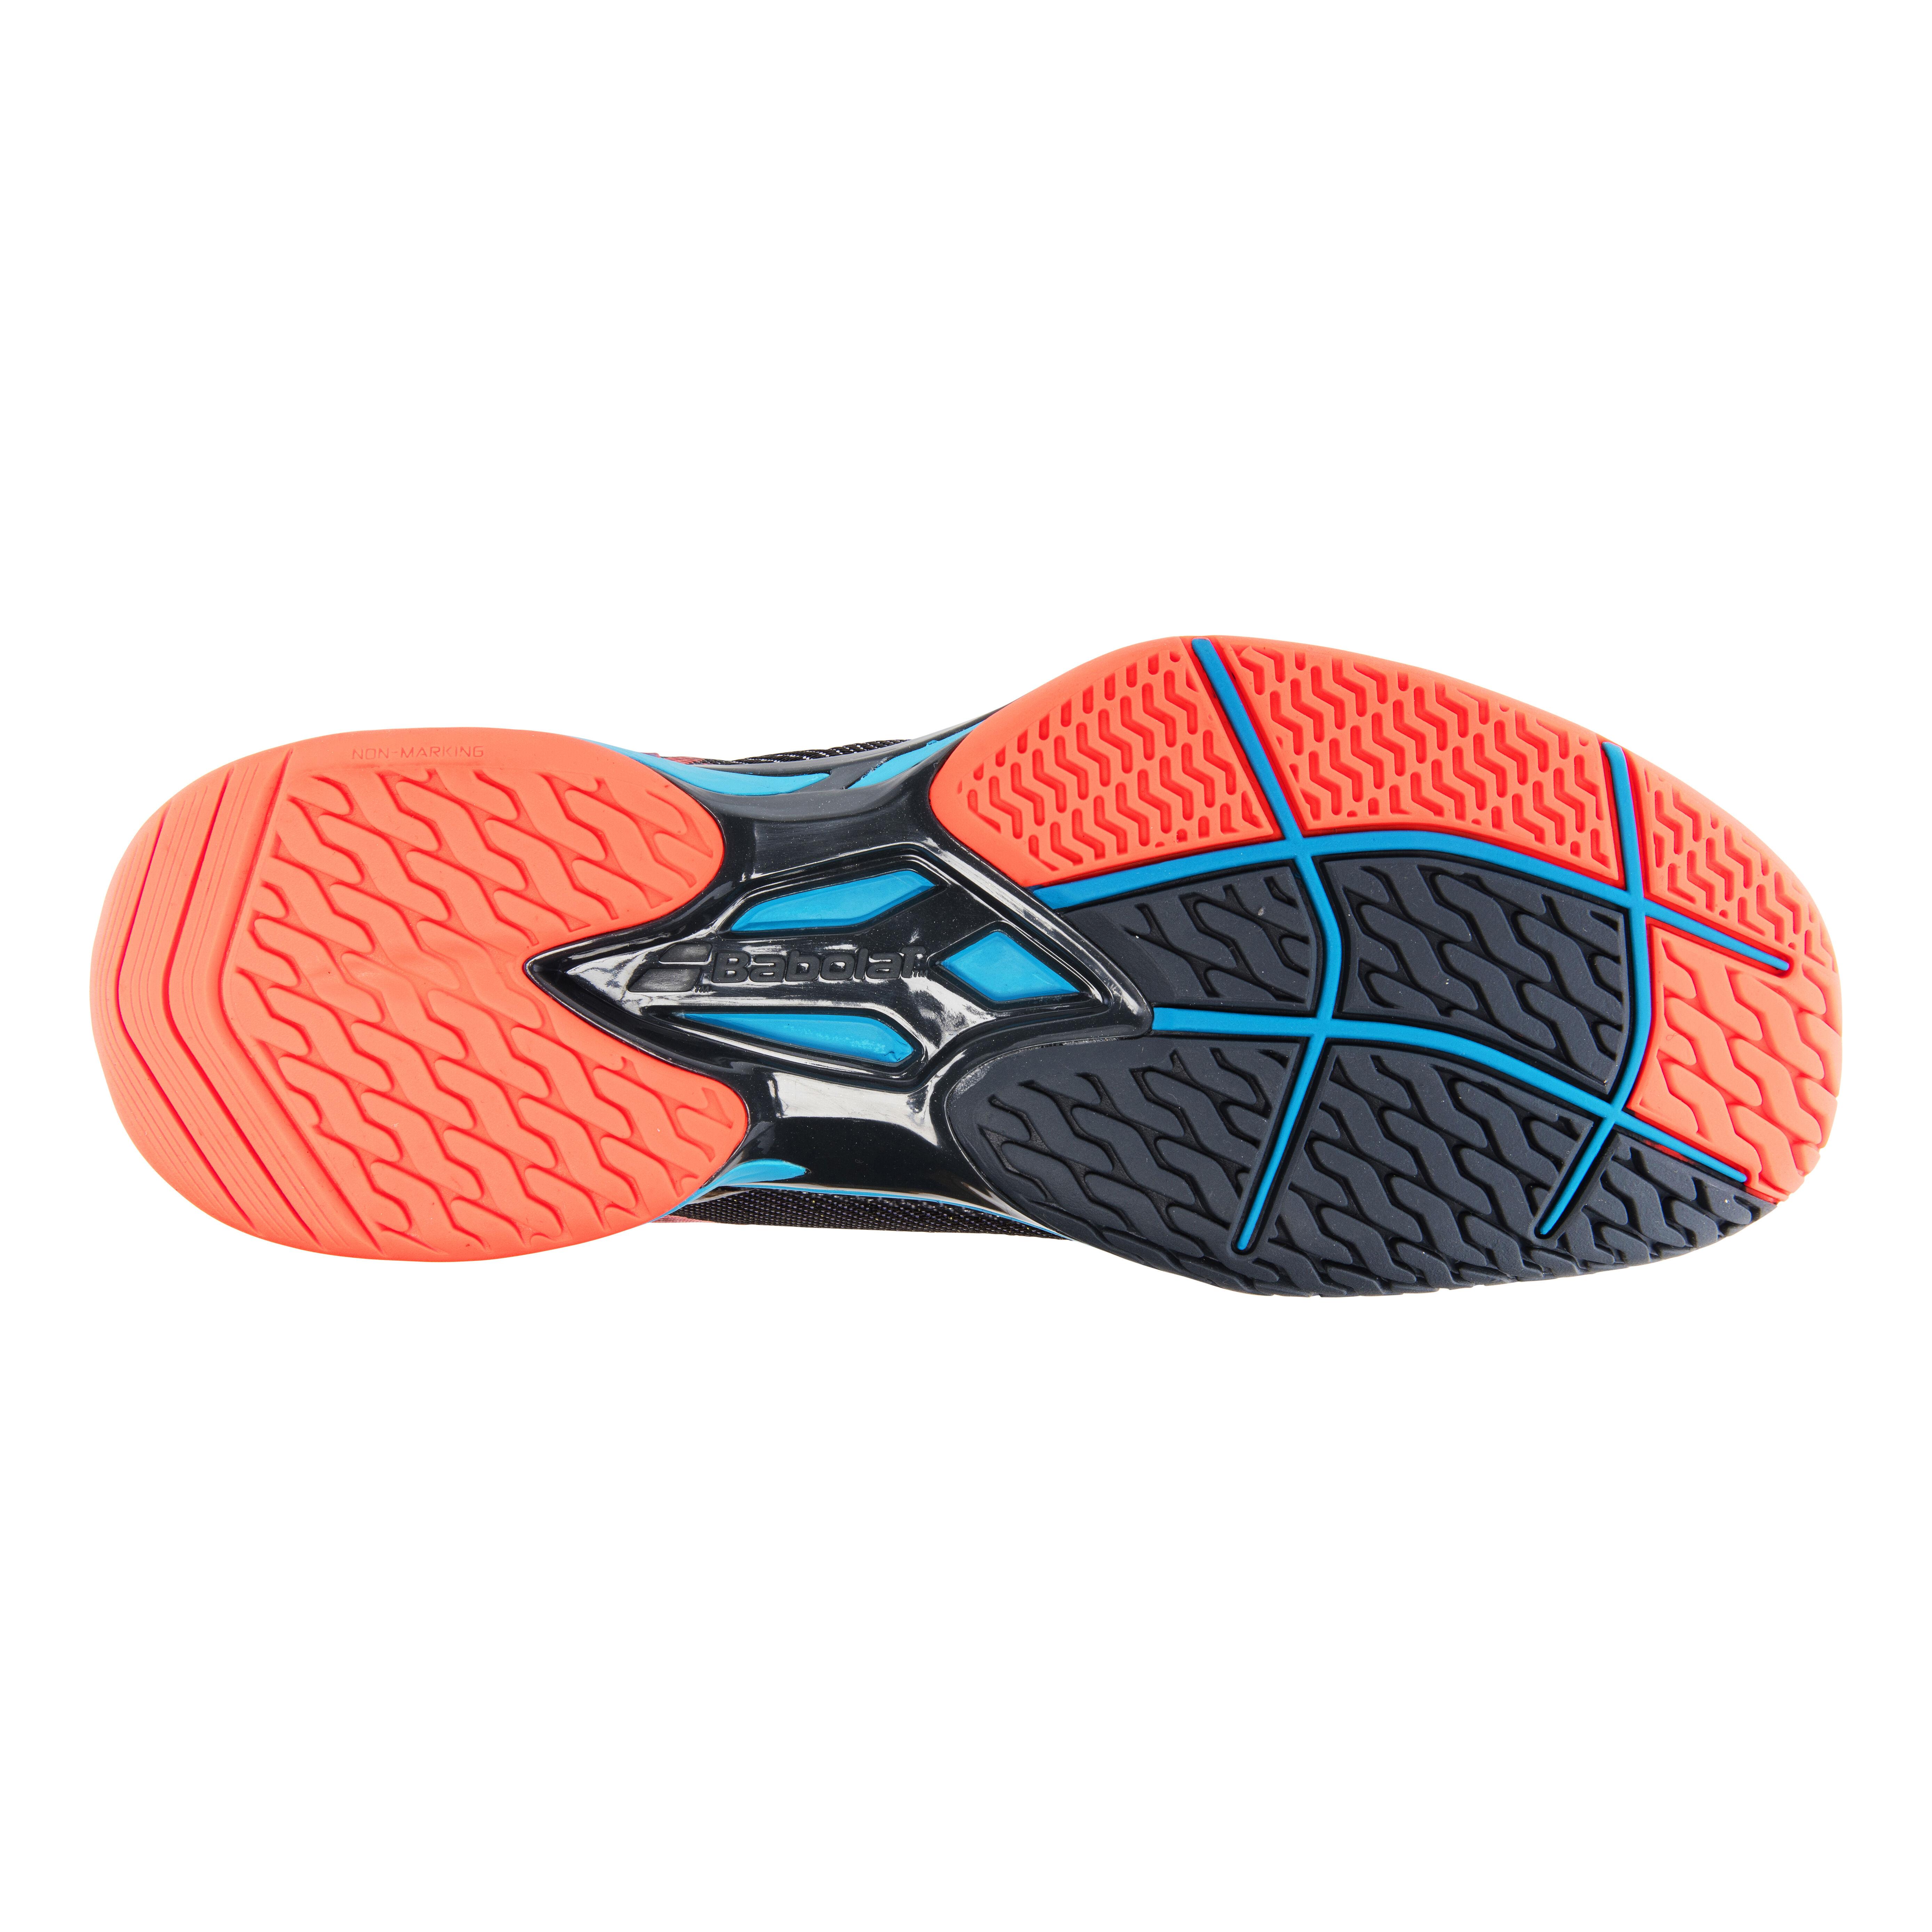 Orange 32 Babolat Enfants Jet All Court Junior Chaussures De Tennis Chaussure Tout Terrain Gris Fonc/é